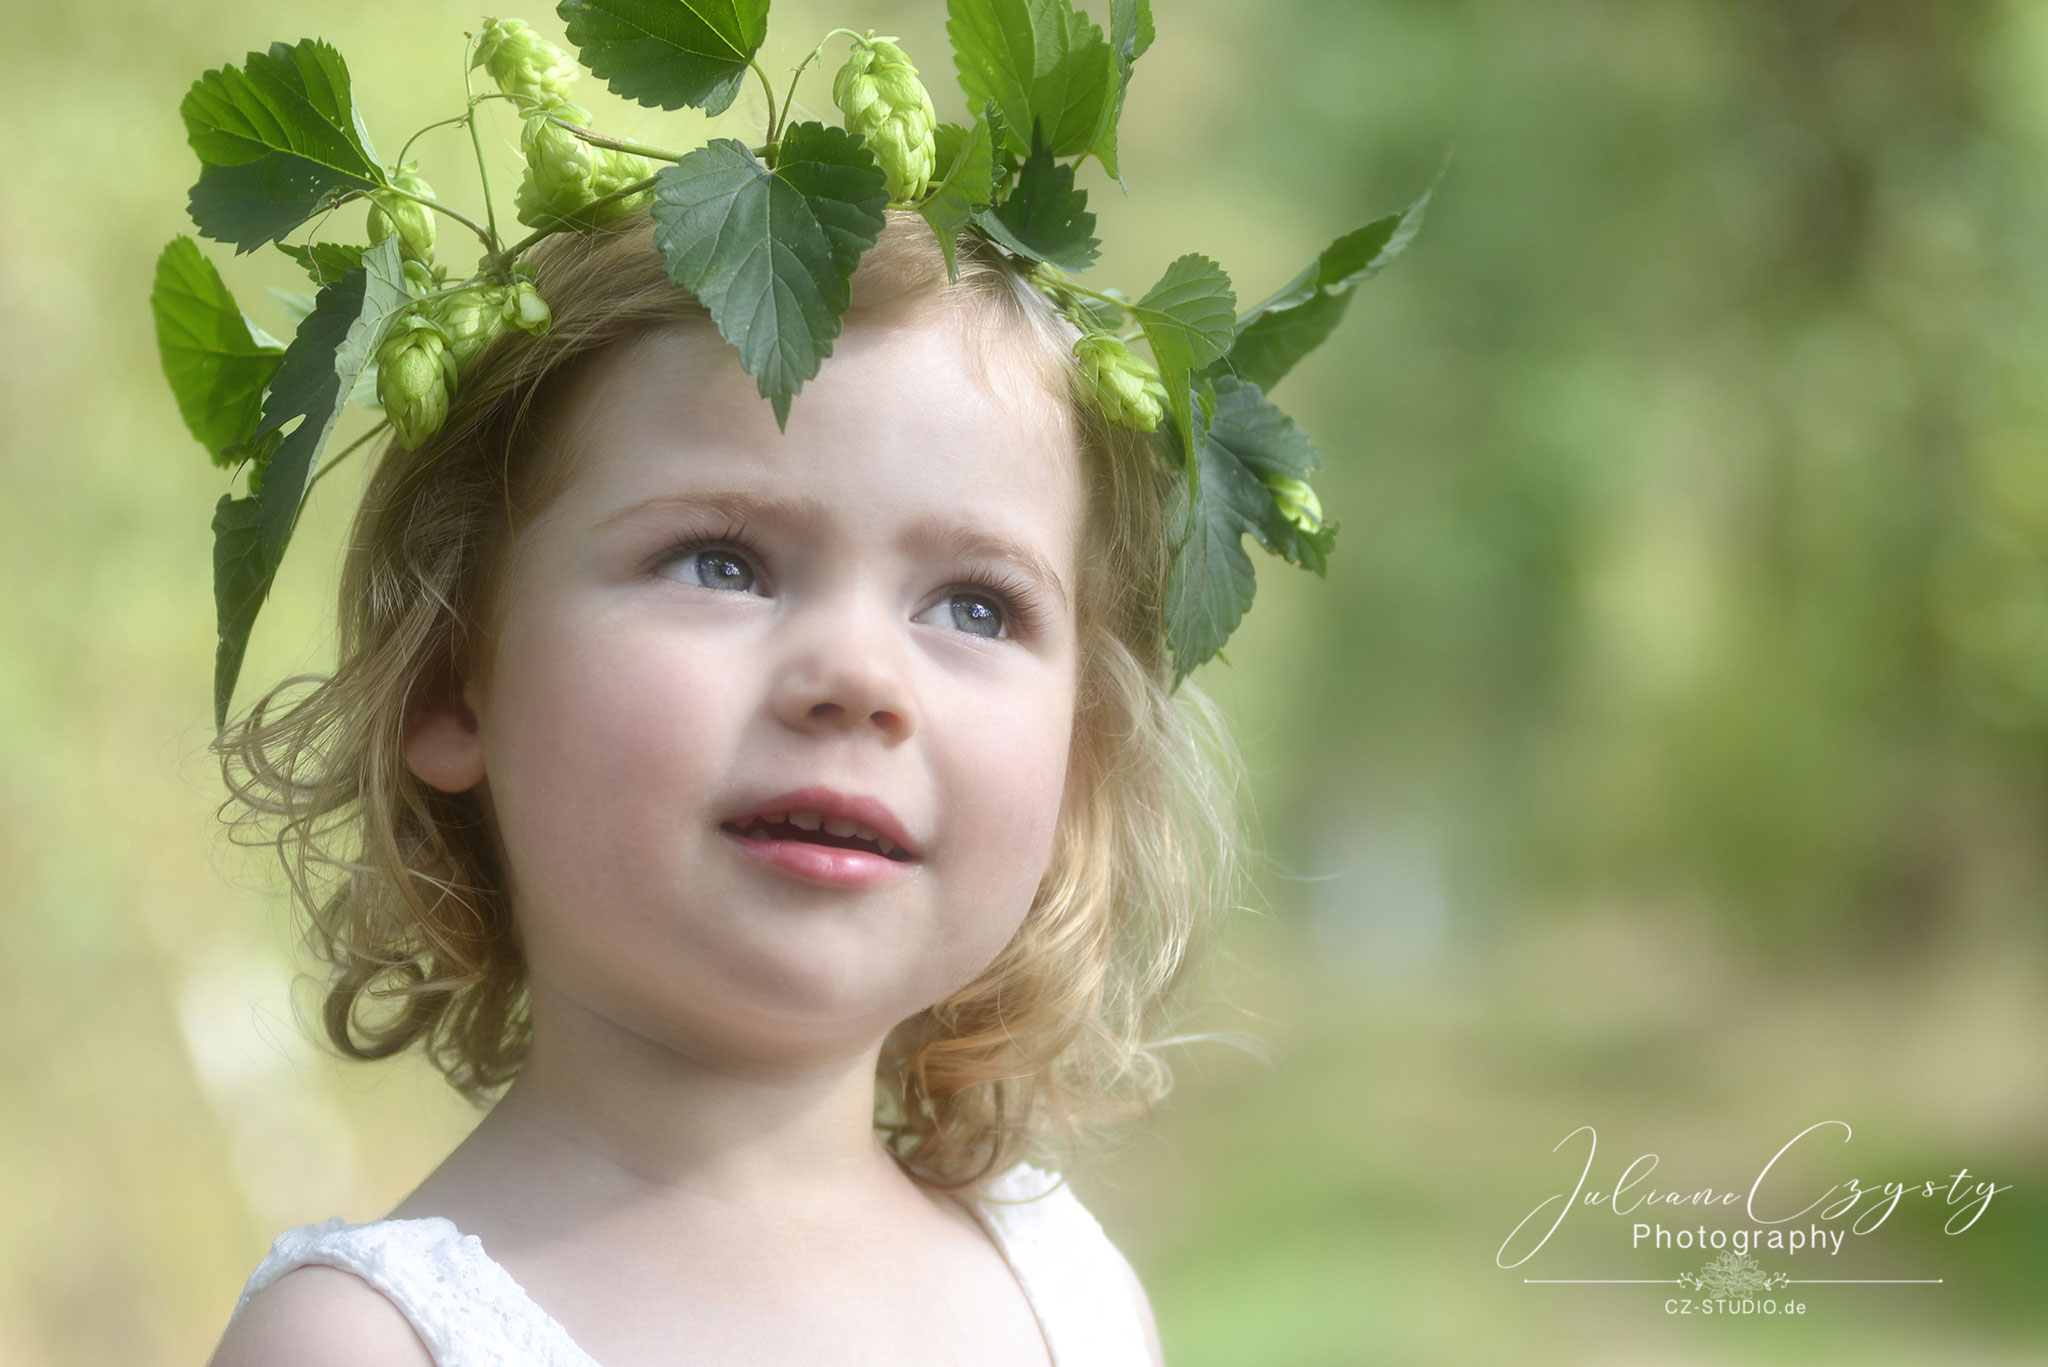 Kinderfotos – Juliane Czysty, Fotostudio für Visselhövede, Rotenburg und umzu